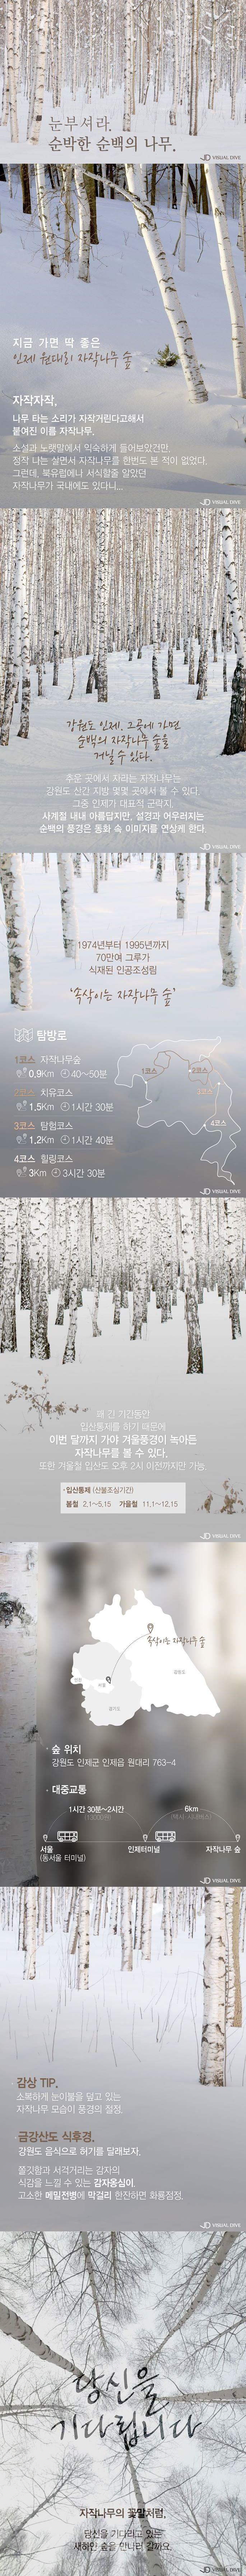 눈부셔라. 순박한 순백의 자작나무 숲 [카드뉴스] #Betula / #cardnews ⓒ 비주얼다이브 무단 복사·전재·재배포 금지